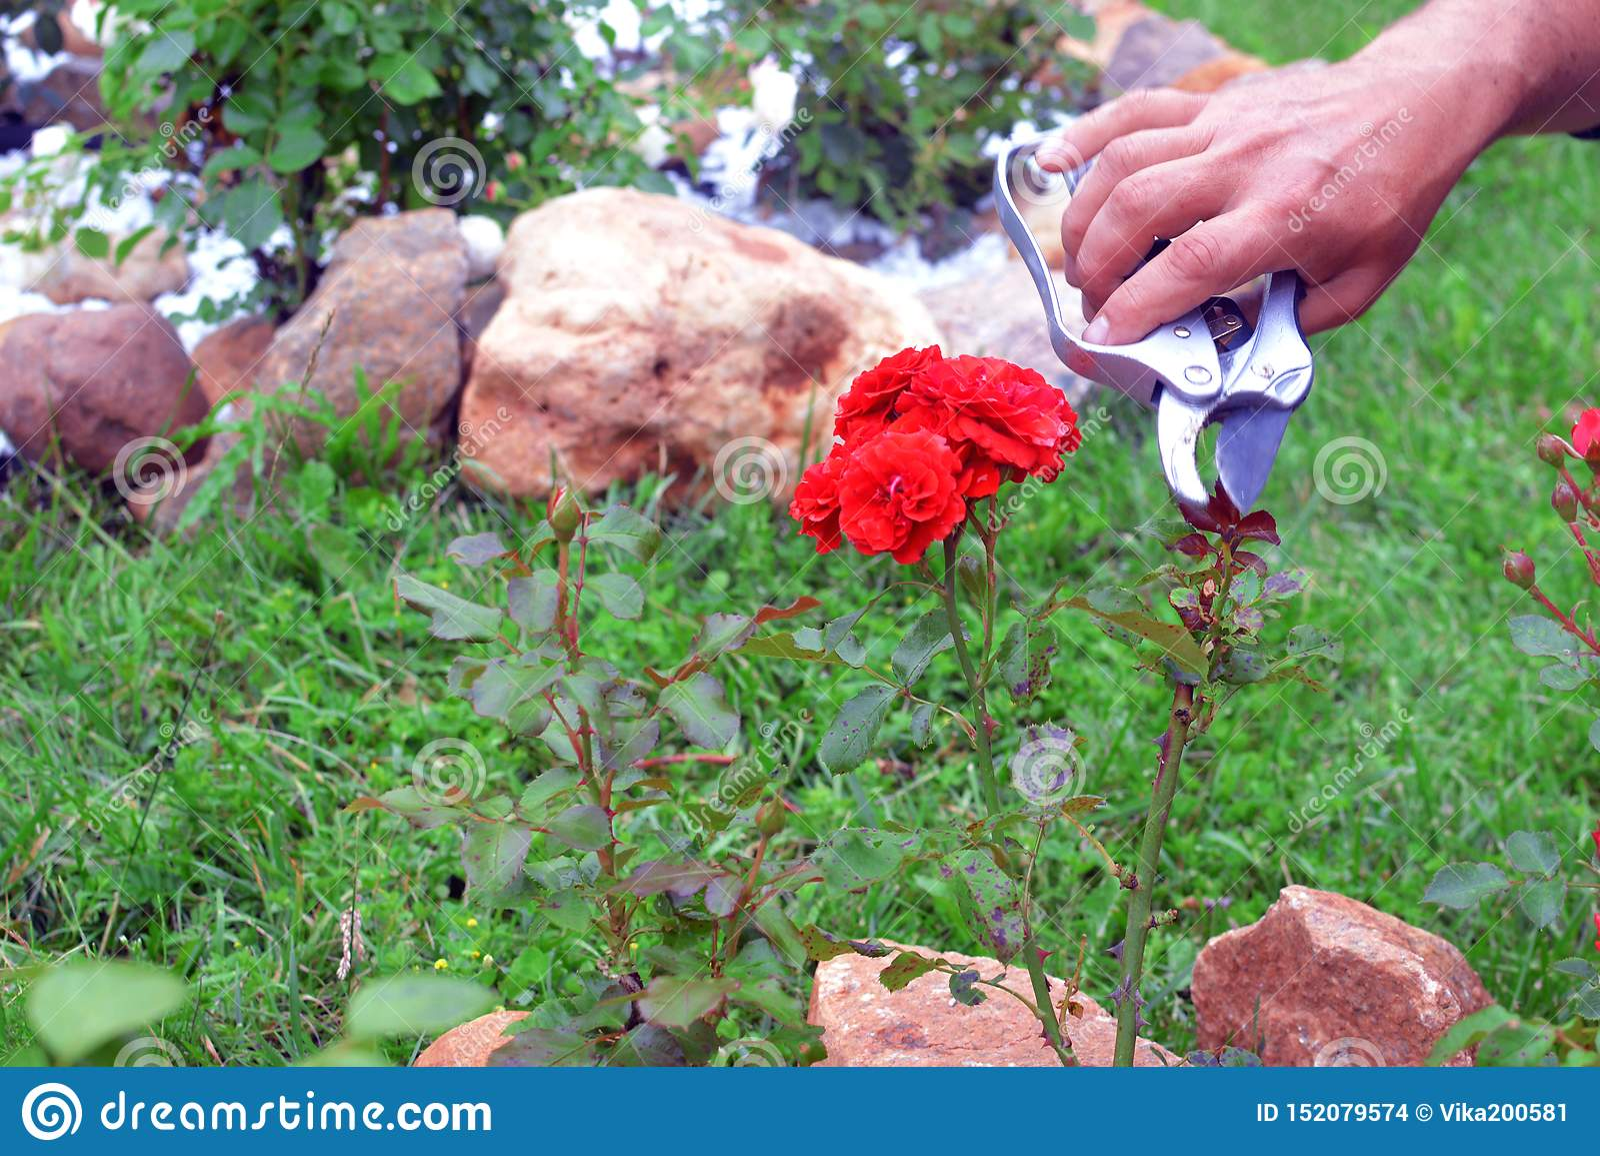 Ο κηπουρός φροντίζει τους ροδαλούς θάμνους σε έναν κήπο